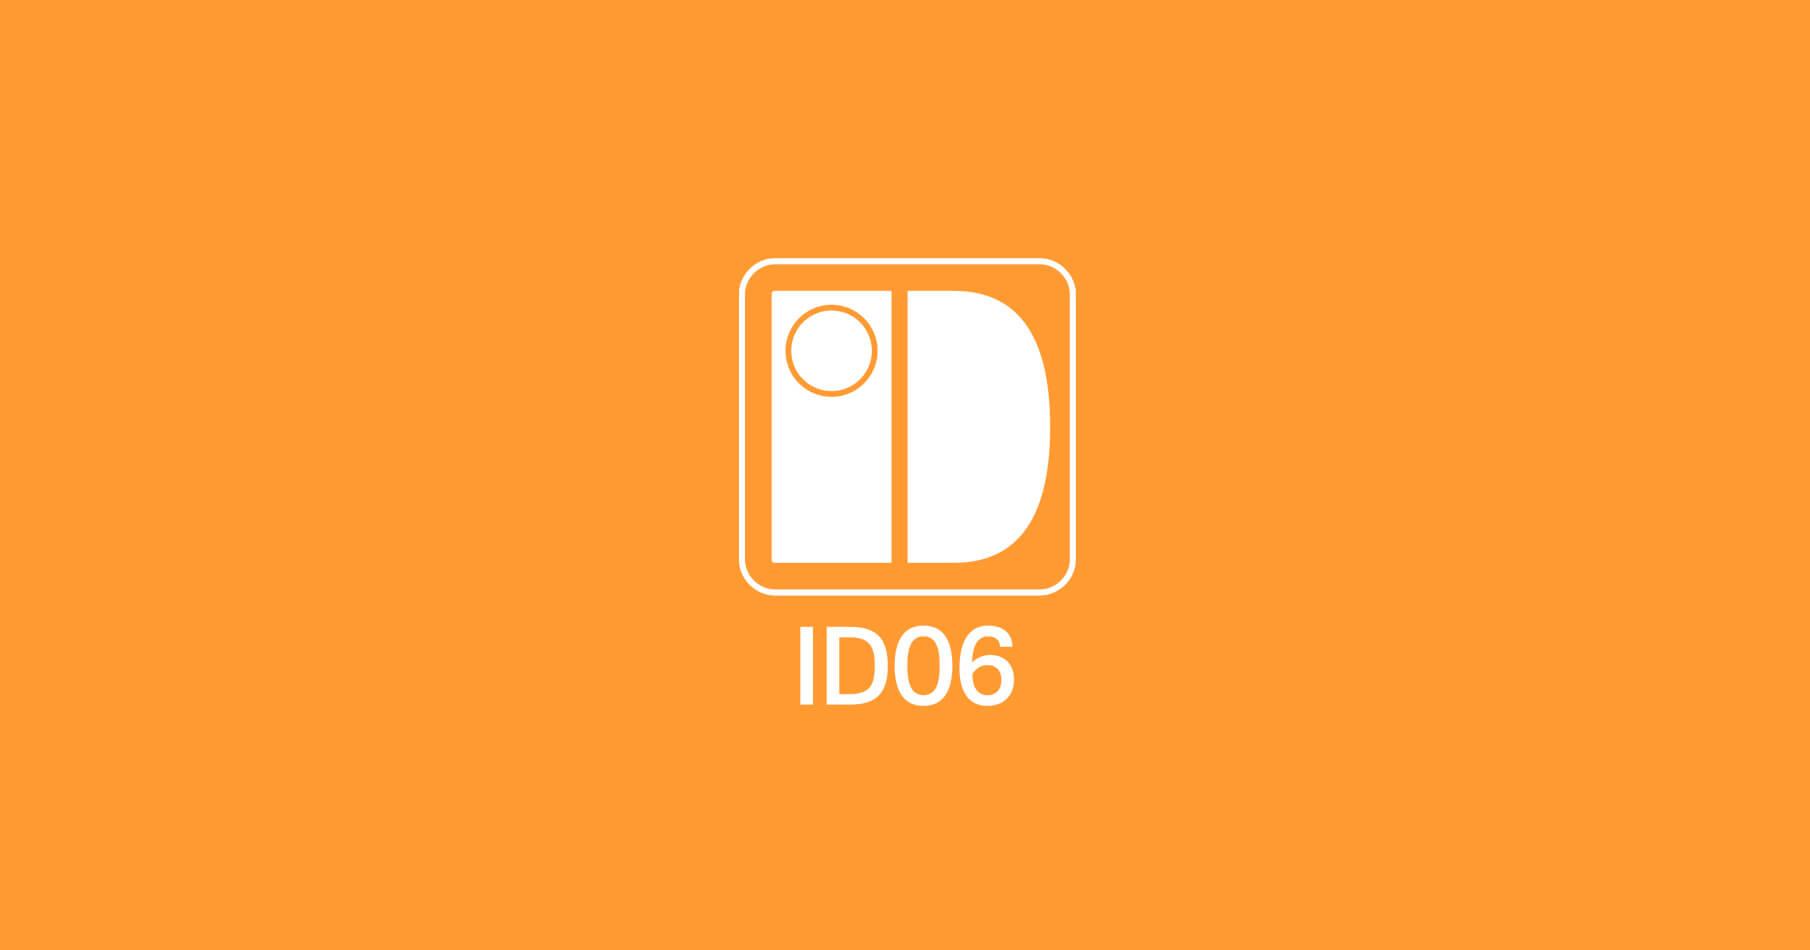 Vit ID06-logotyp på orange bakgrund